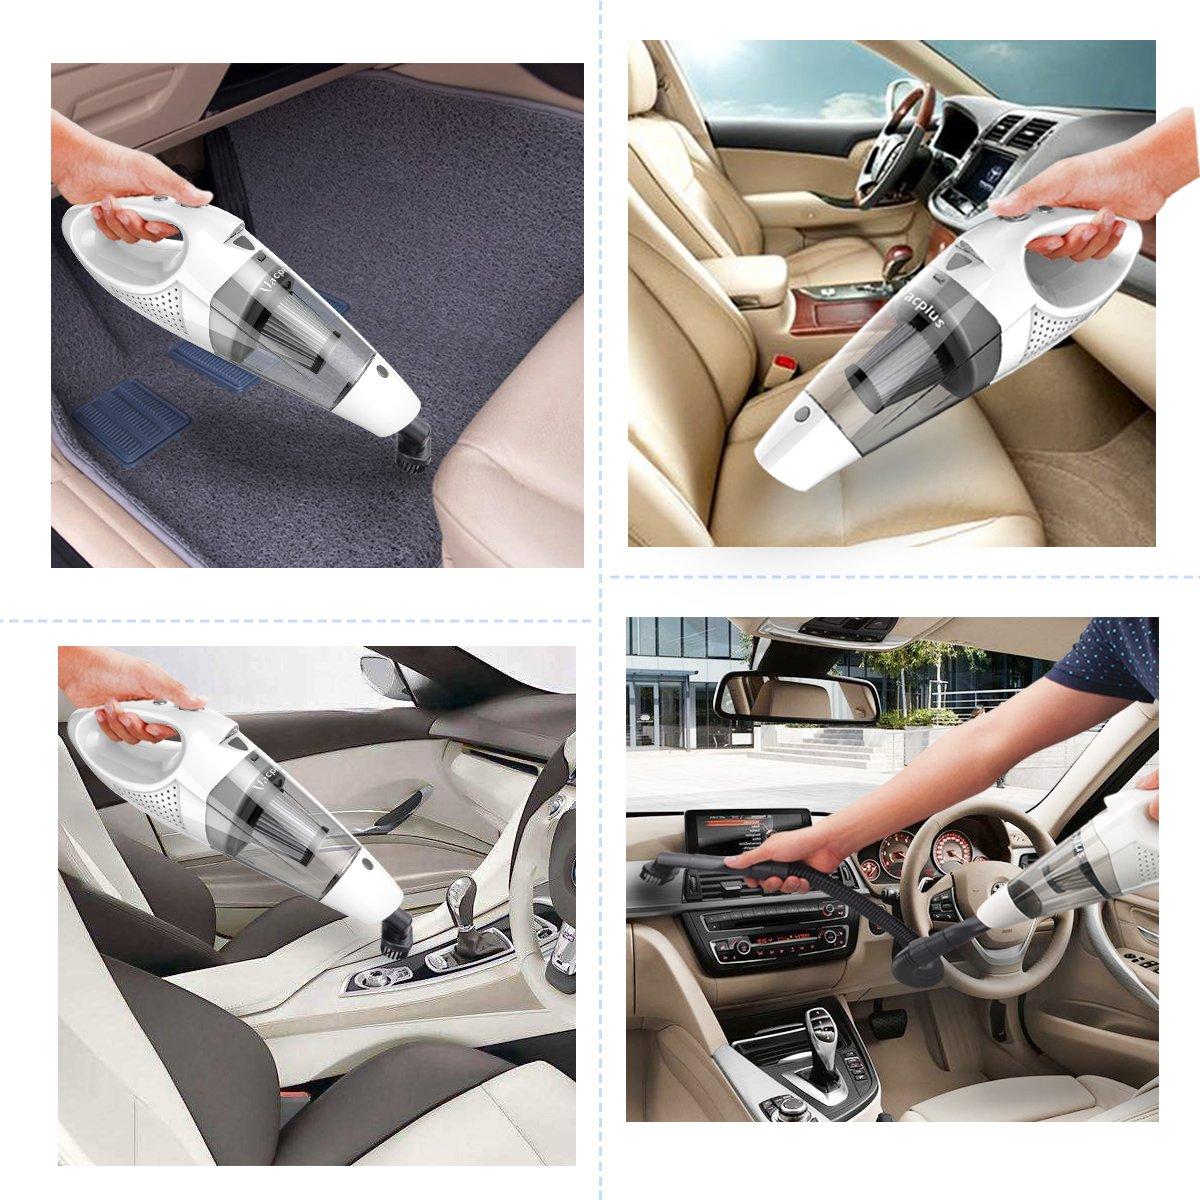 吸引力の強い車掃除機